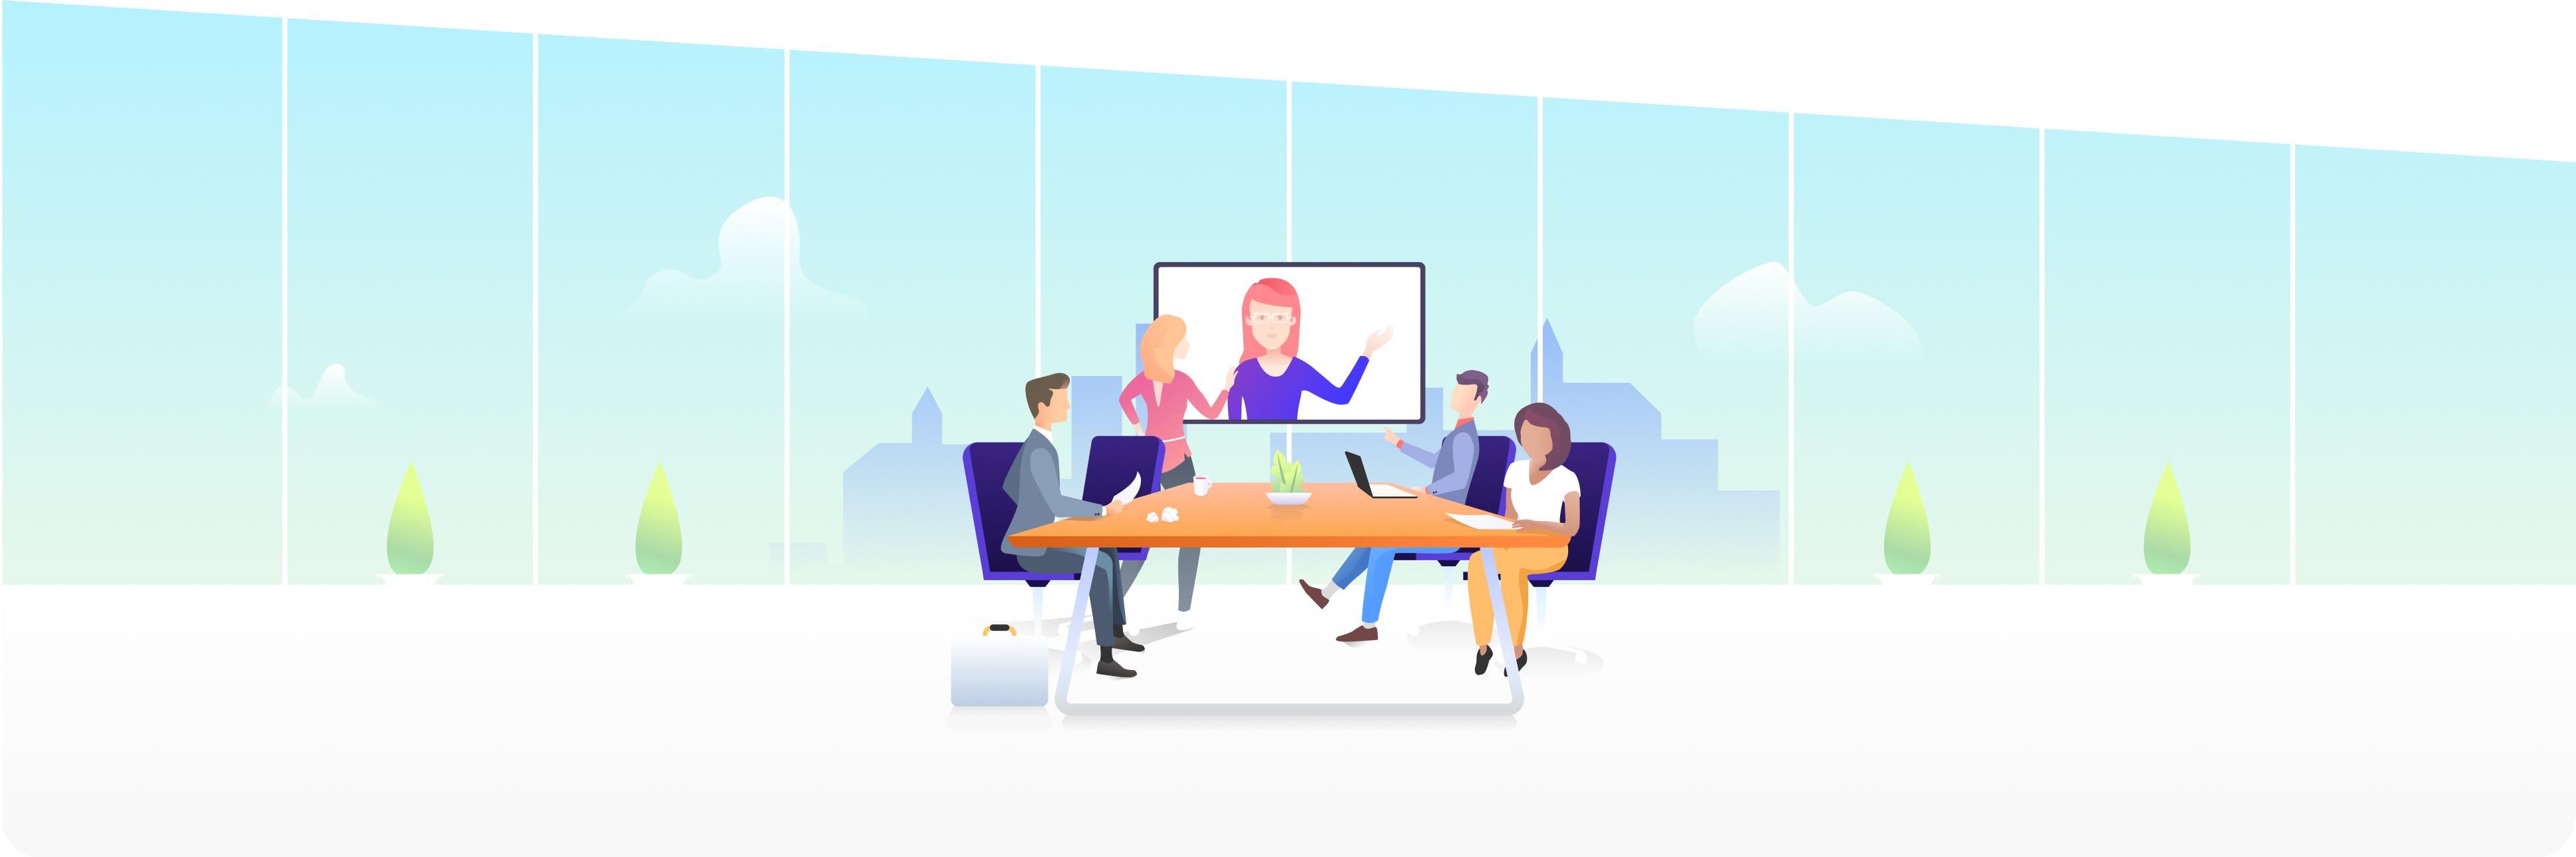 become partner illustration